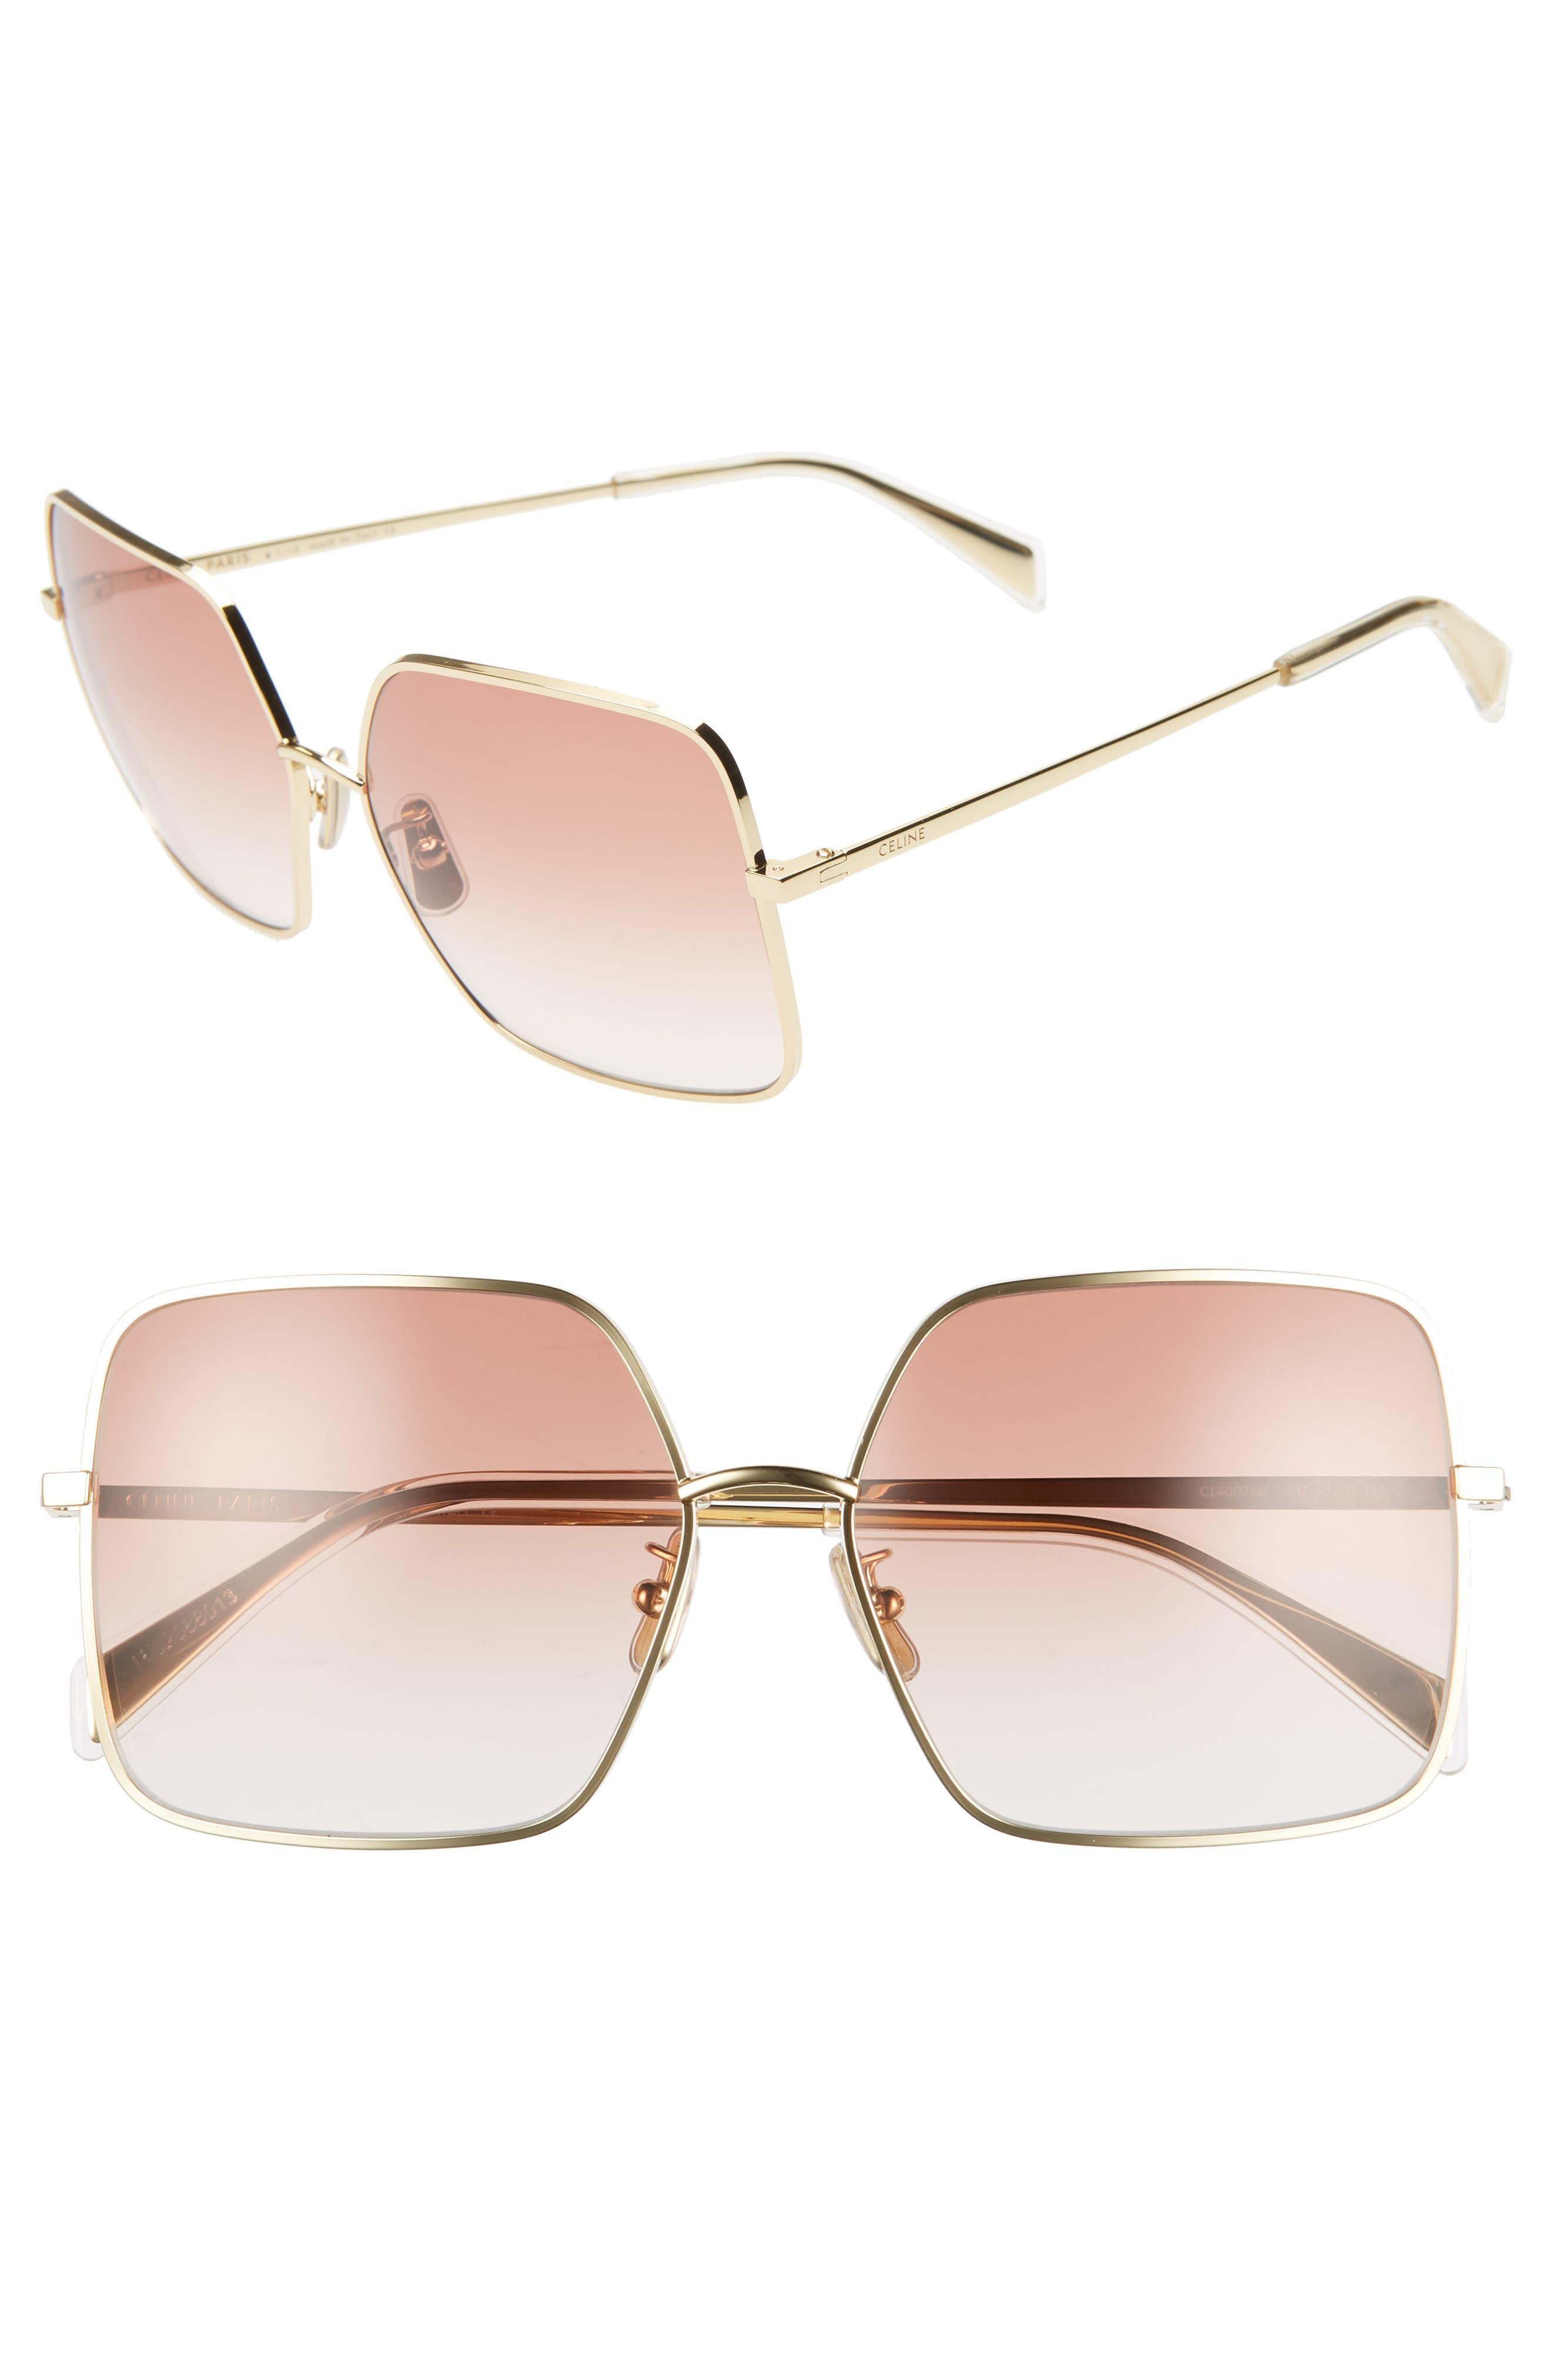 60mm Gradient Square Sunglasses